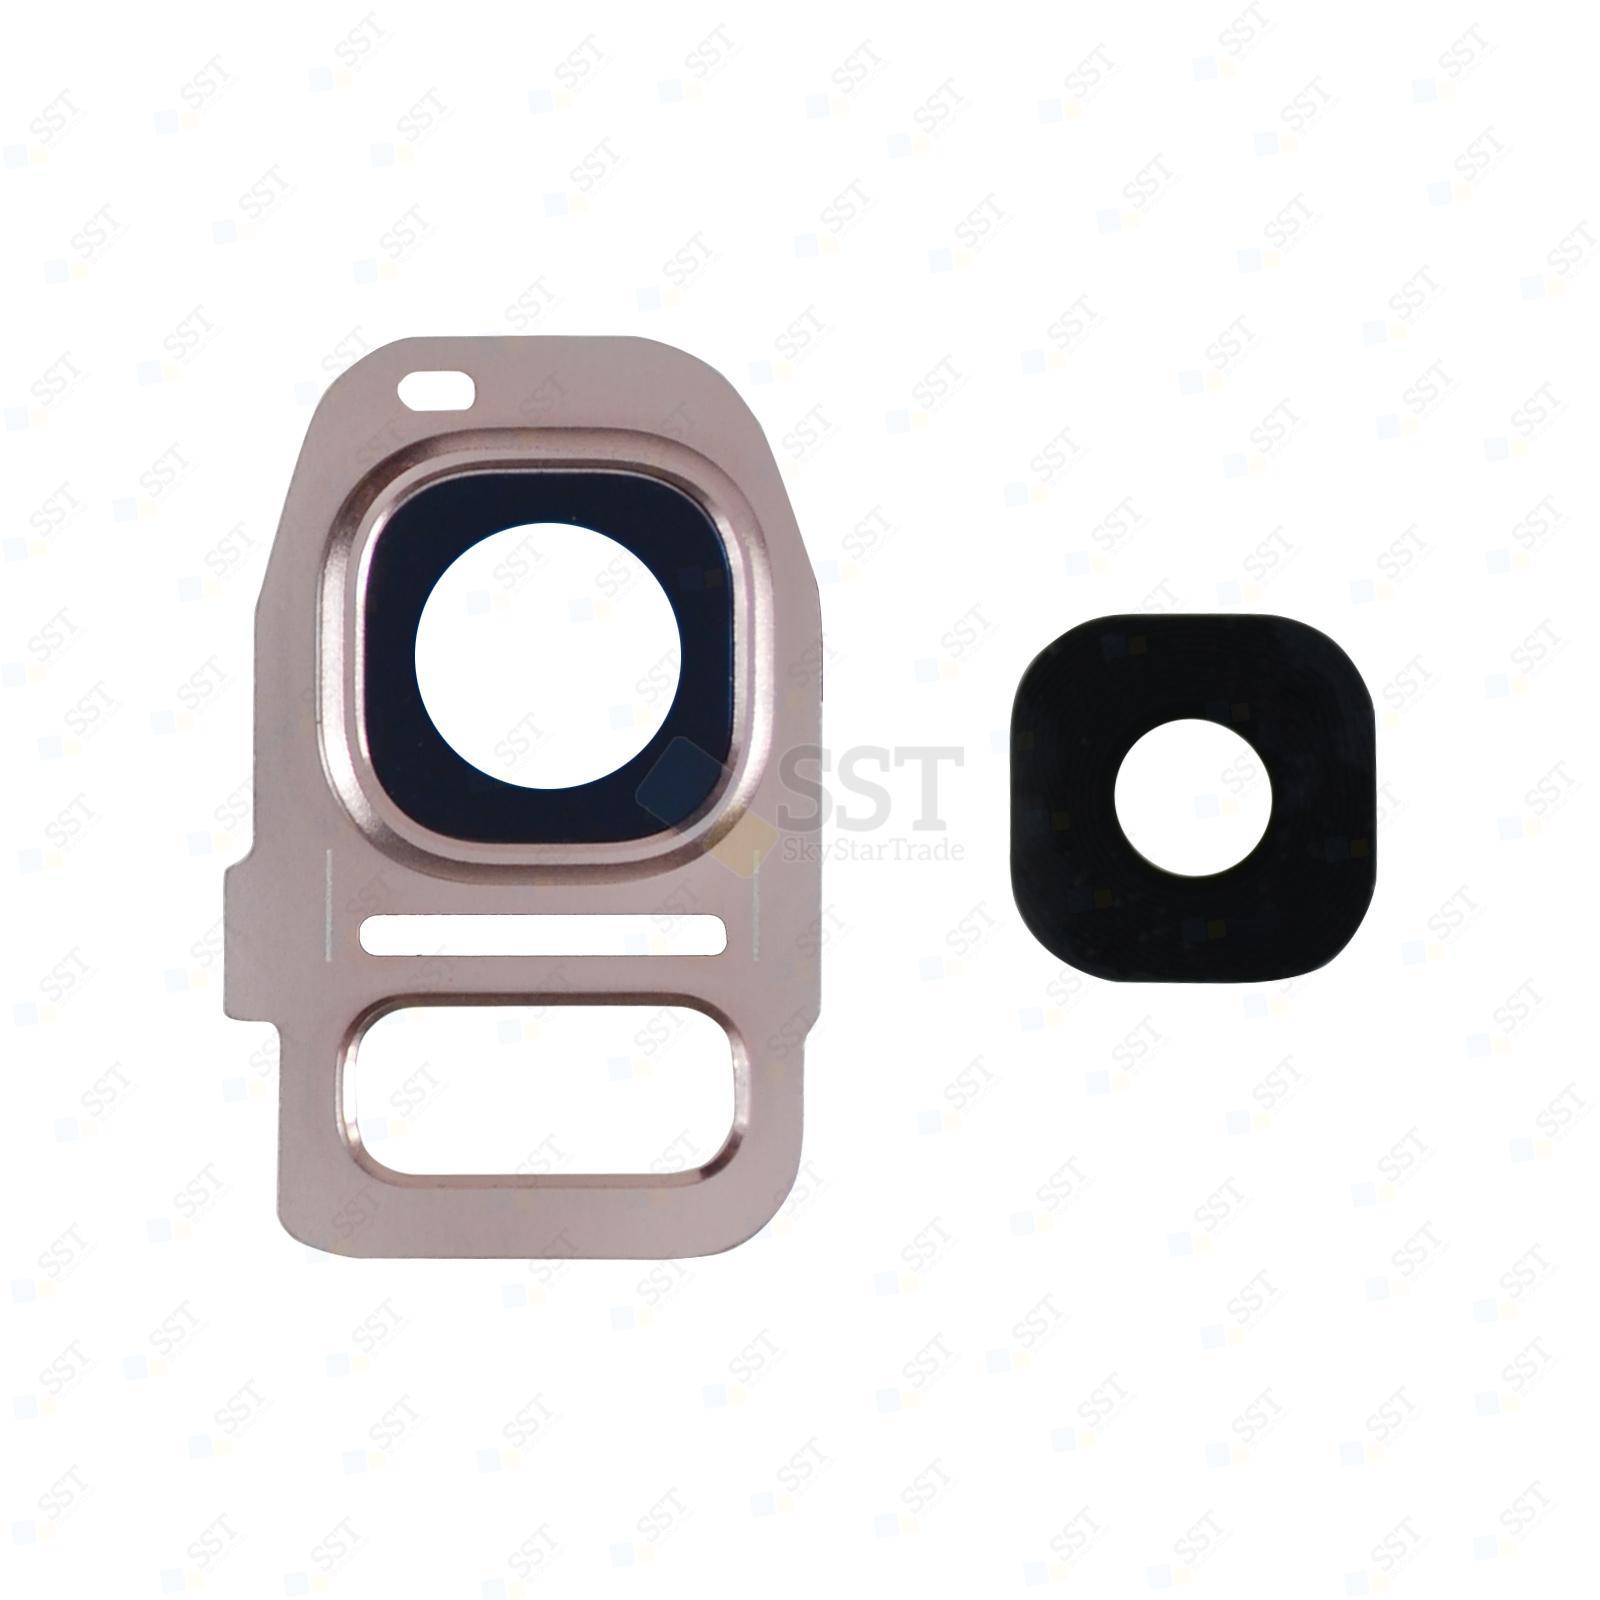 Samsung Galaxy S7 G930 G930F G930A G930V G930P G930T G930R4 G930W8, Edge G935 G935F G935A G935V G935P G935T G935R4 G935W8 Camera Lens with Bezel Frame, Pink